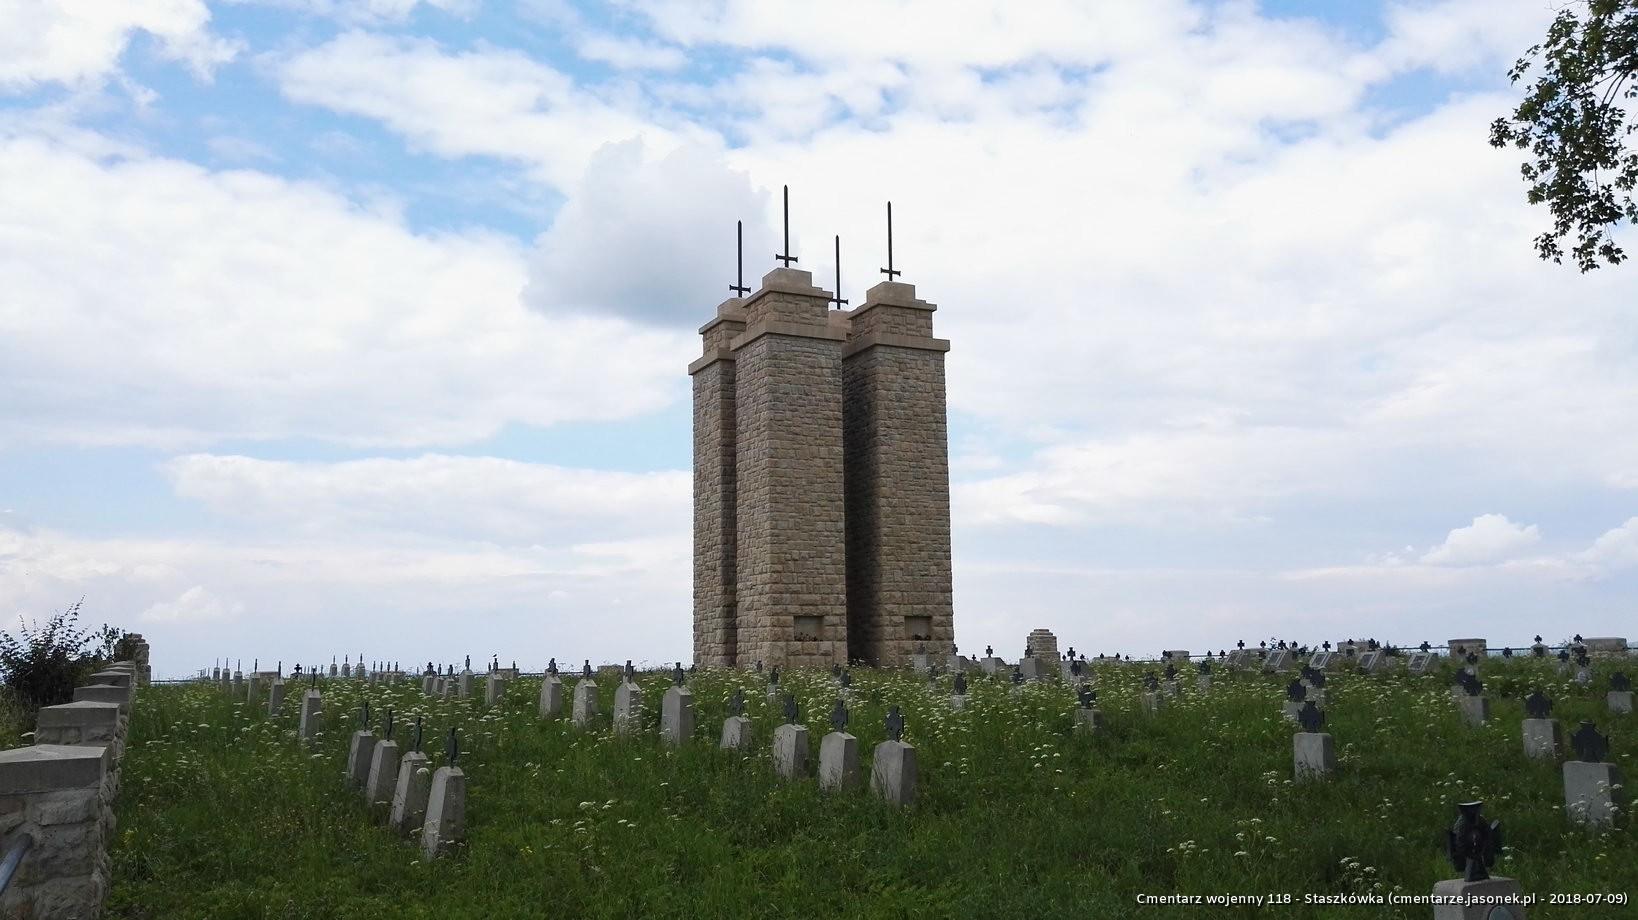 Cmentarz wojenny 118 - Staszkówka